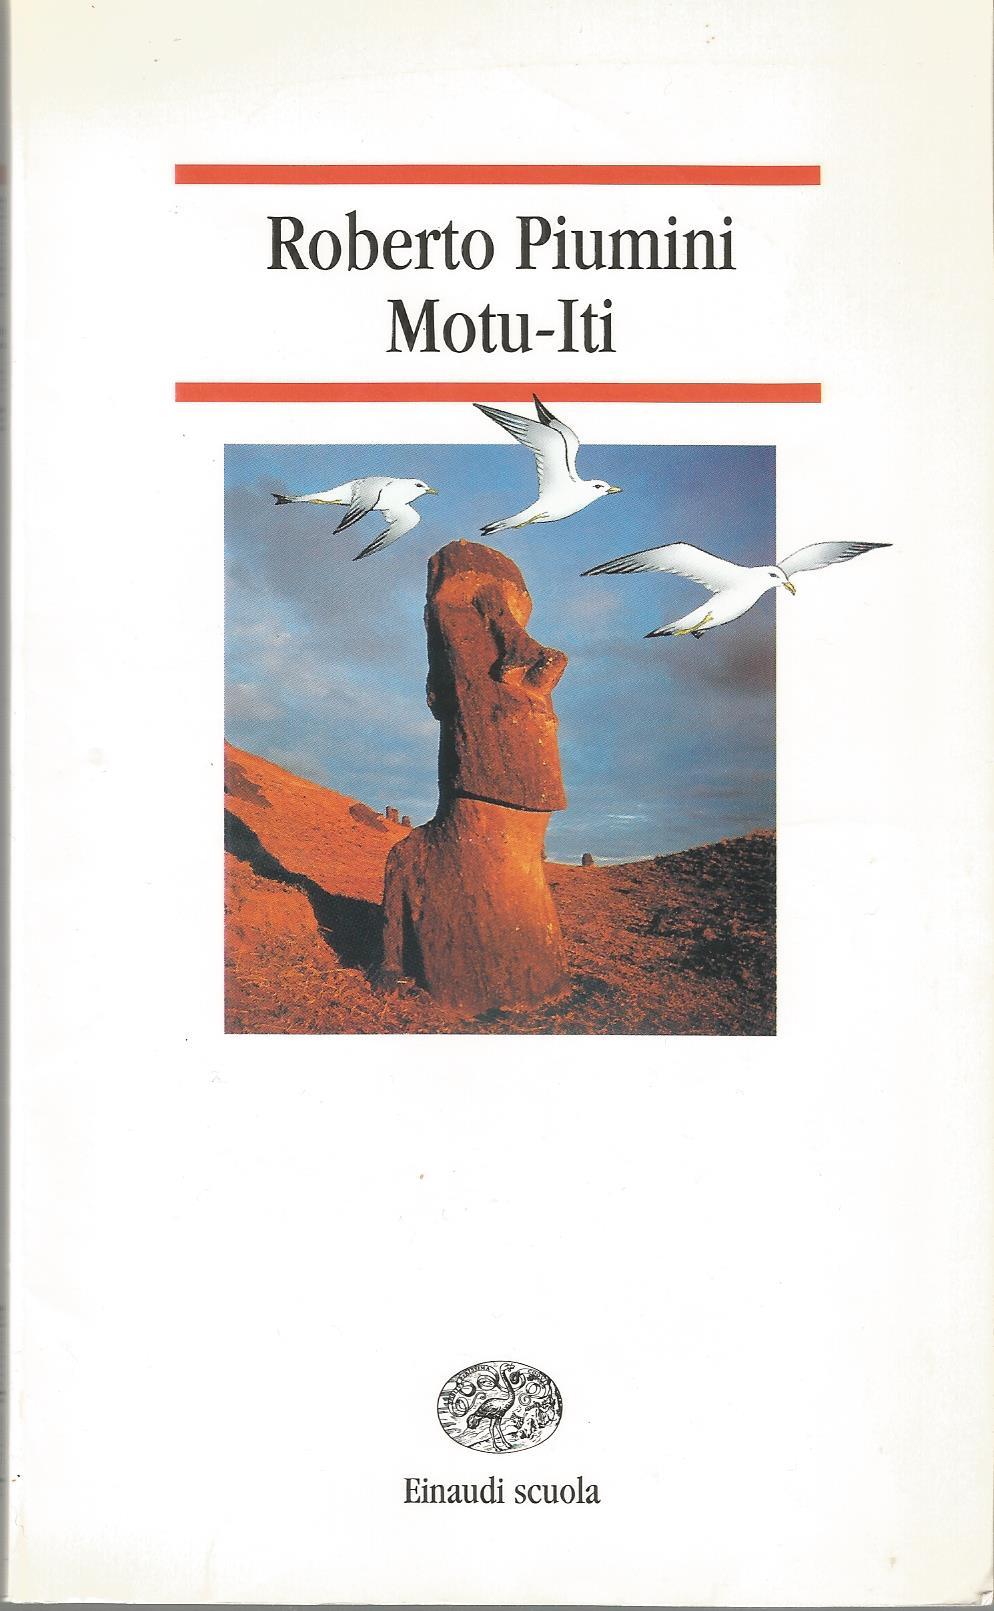 Motu-Iti